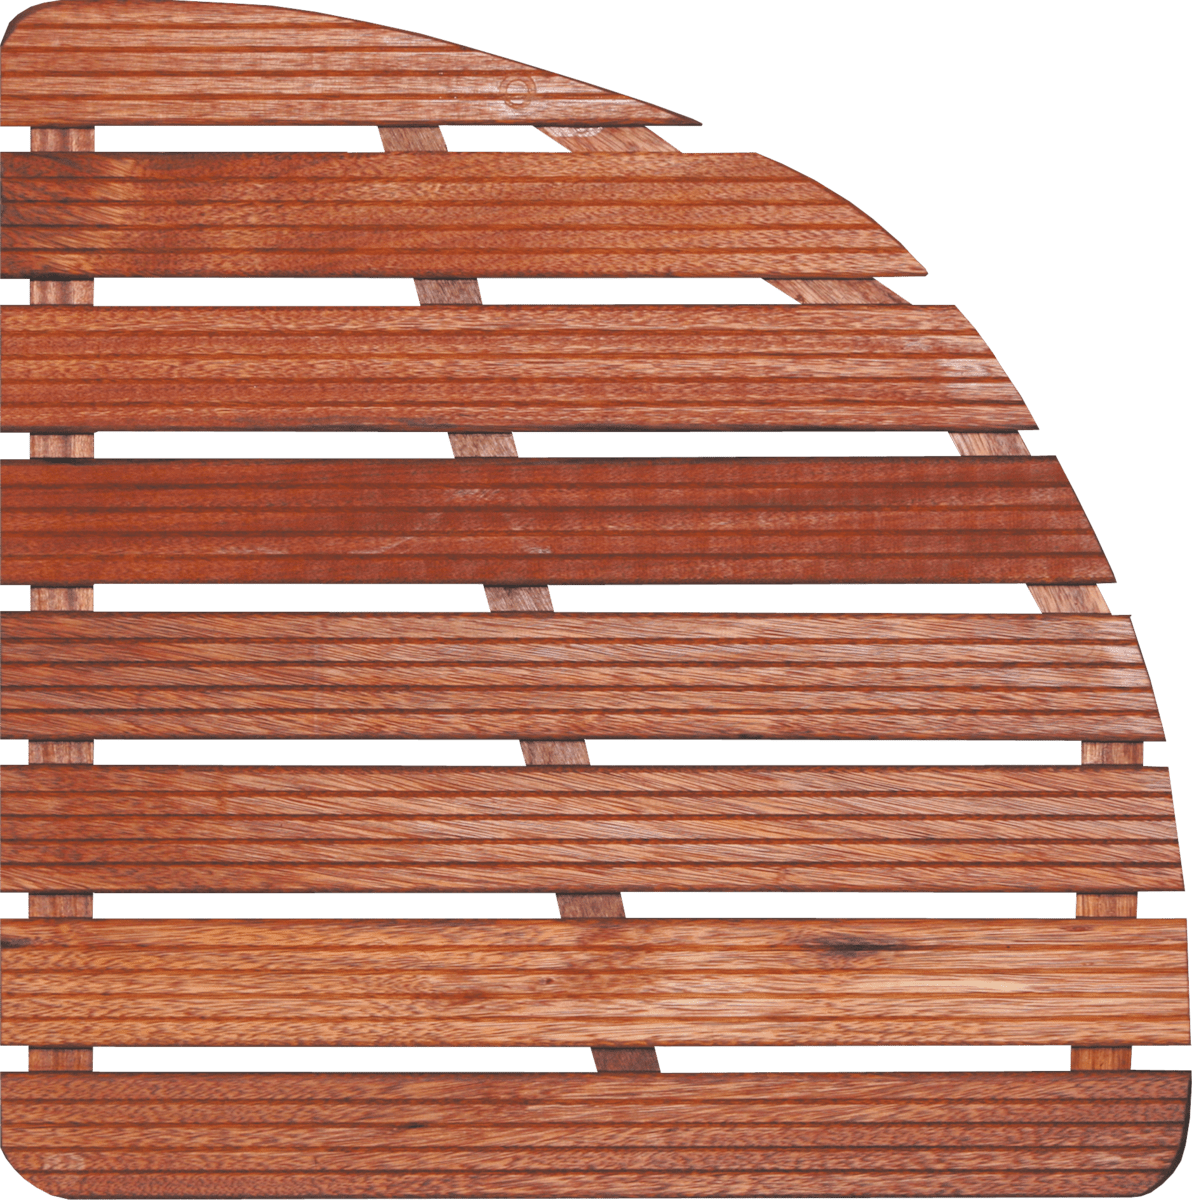 Sprchová rohož Aris drevo štvrťkruh 64x64x4cm ROHOZ80S